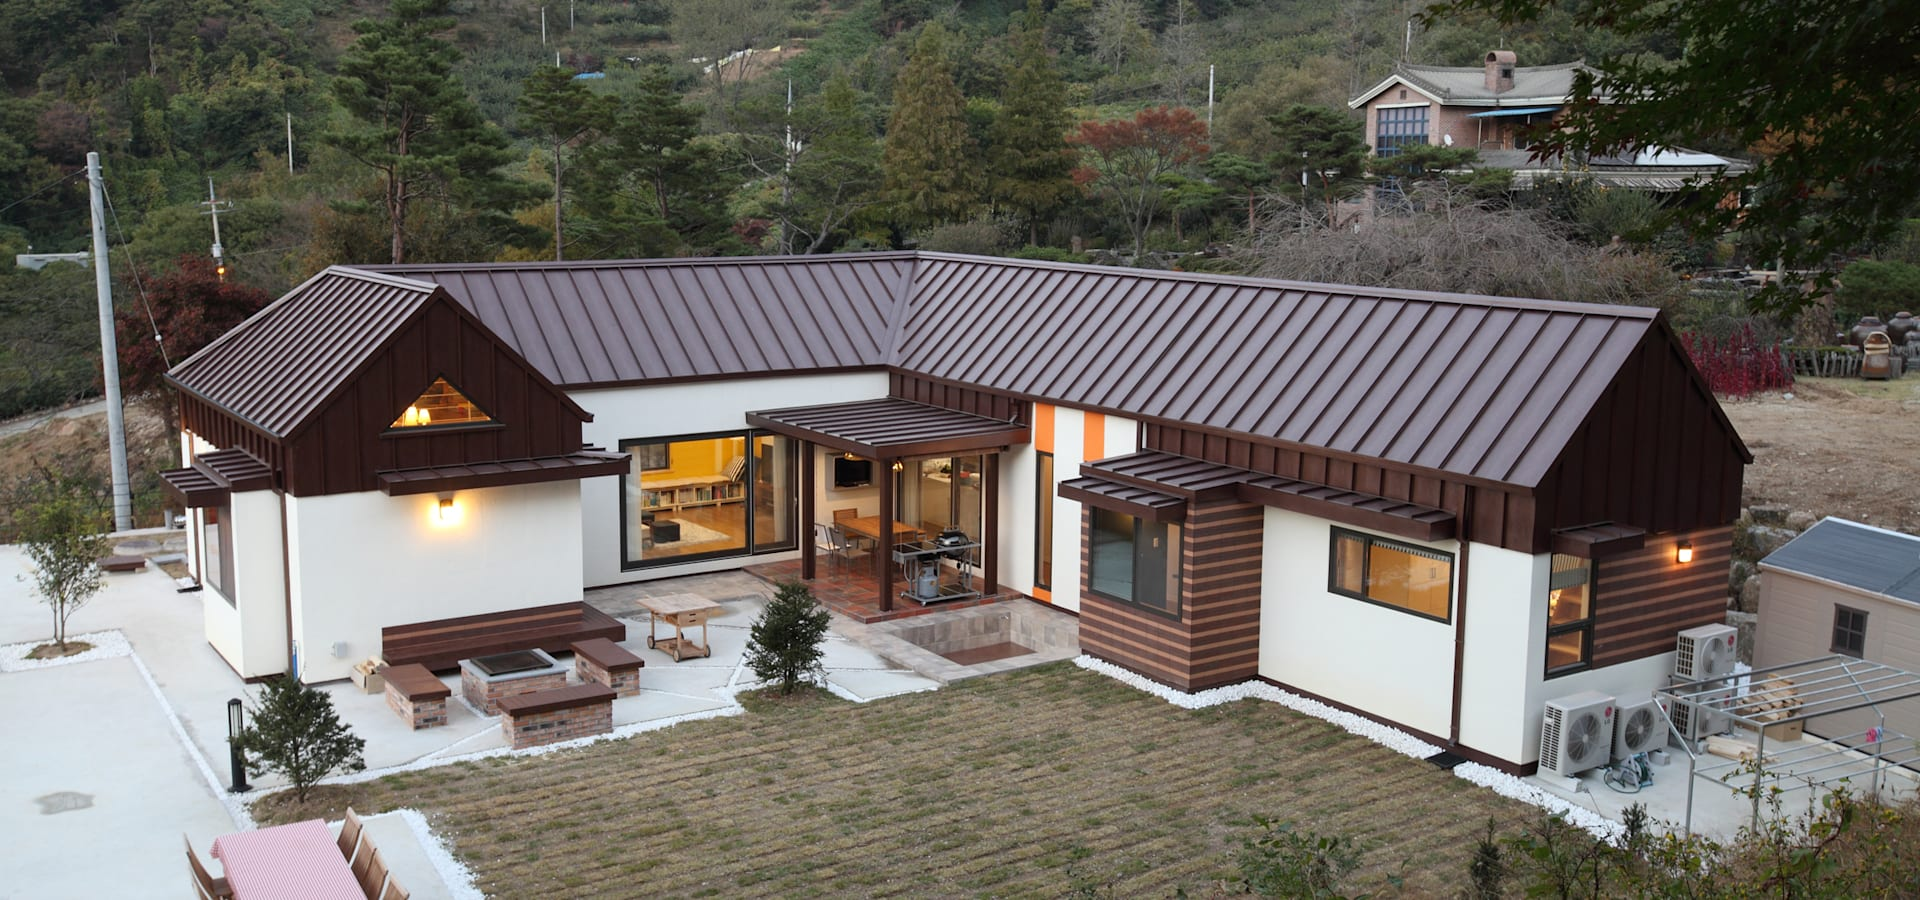 주택설계전문 디자인그룹 홈스타일토토